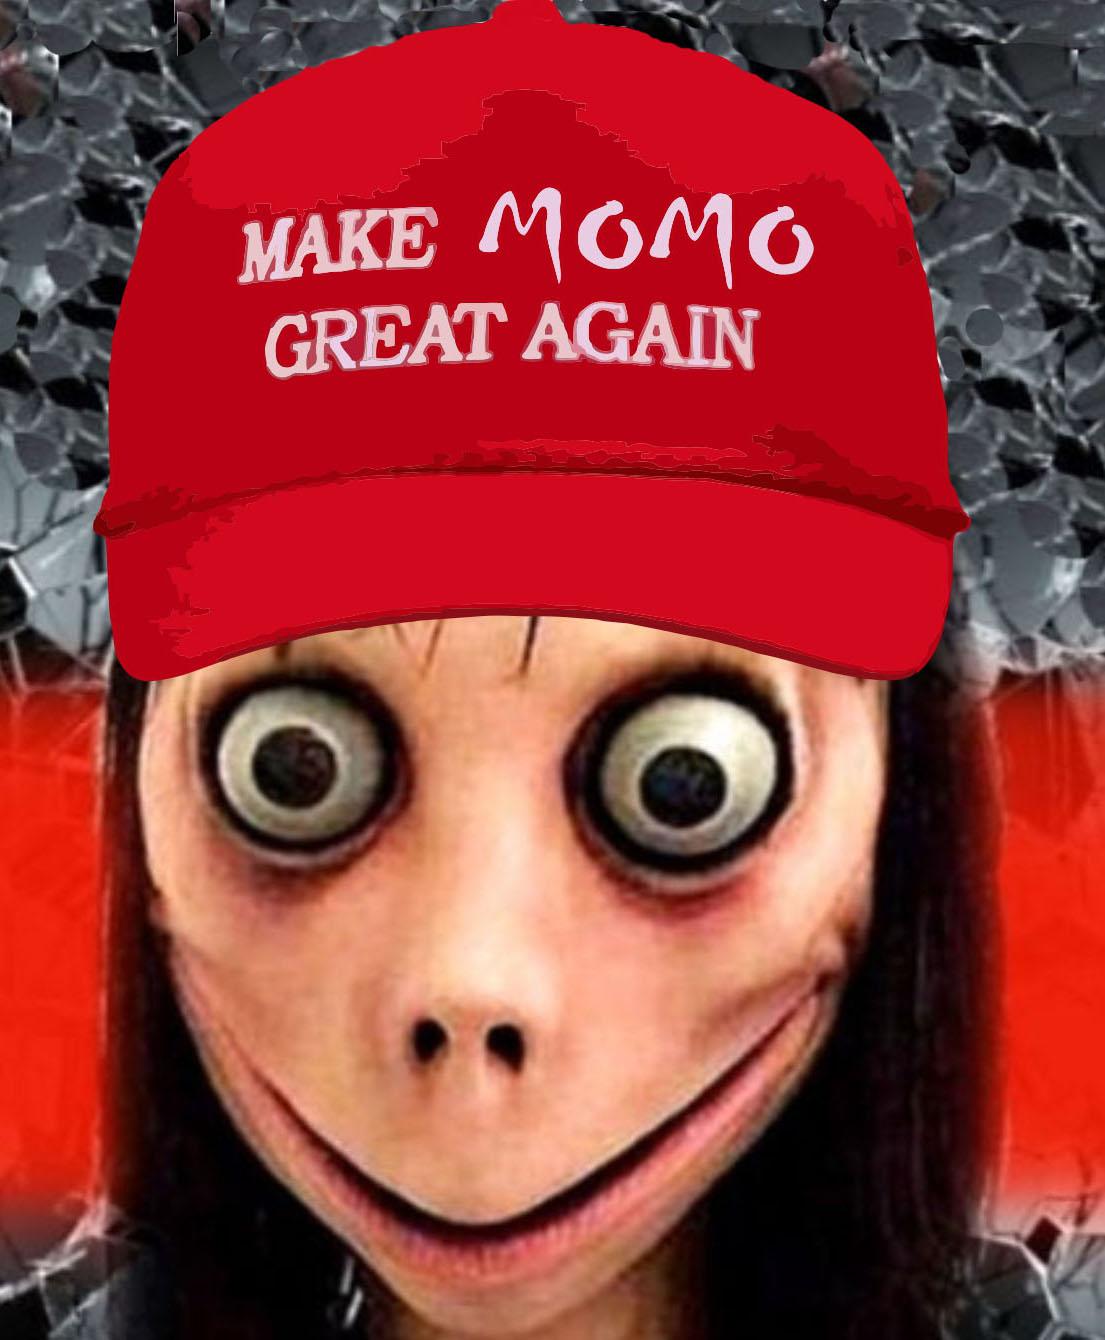 Make Momo Great Again